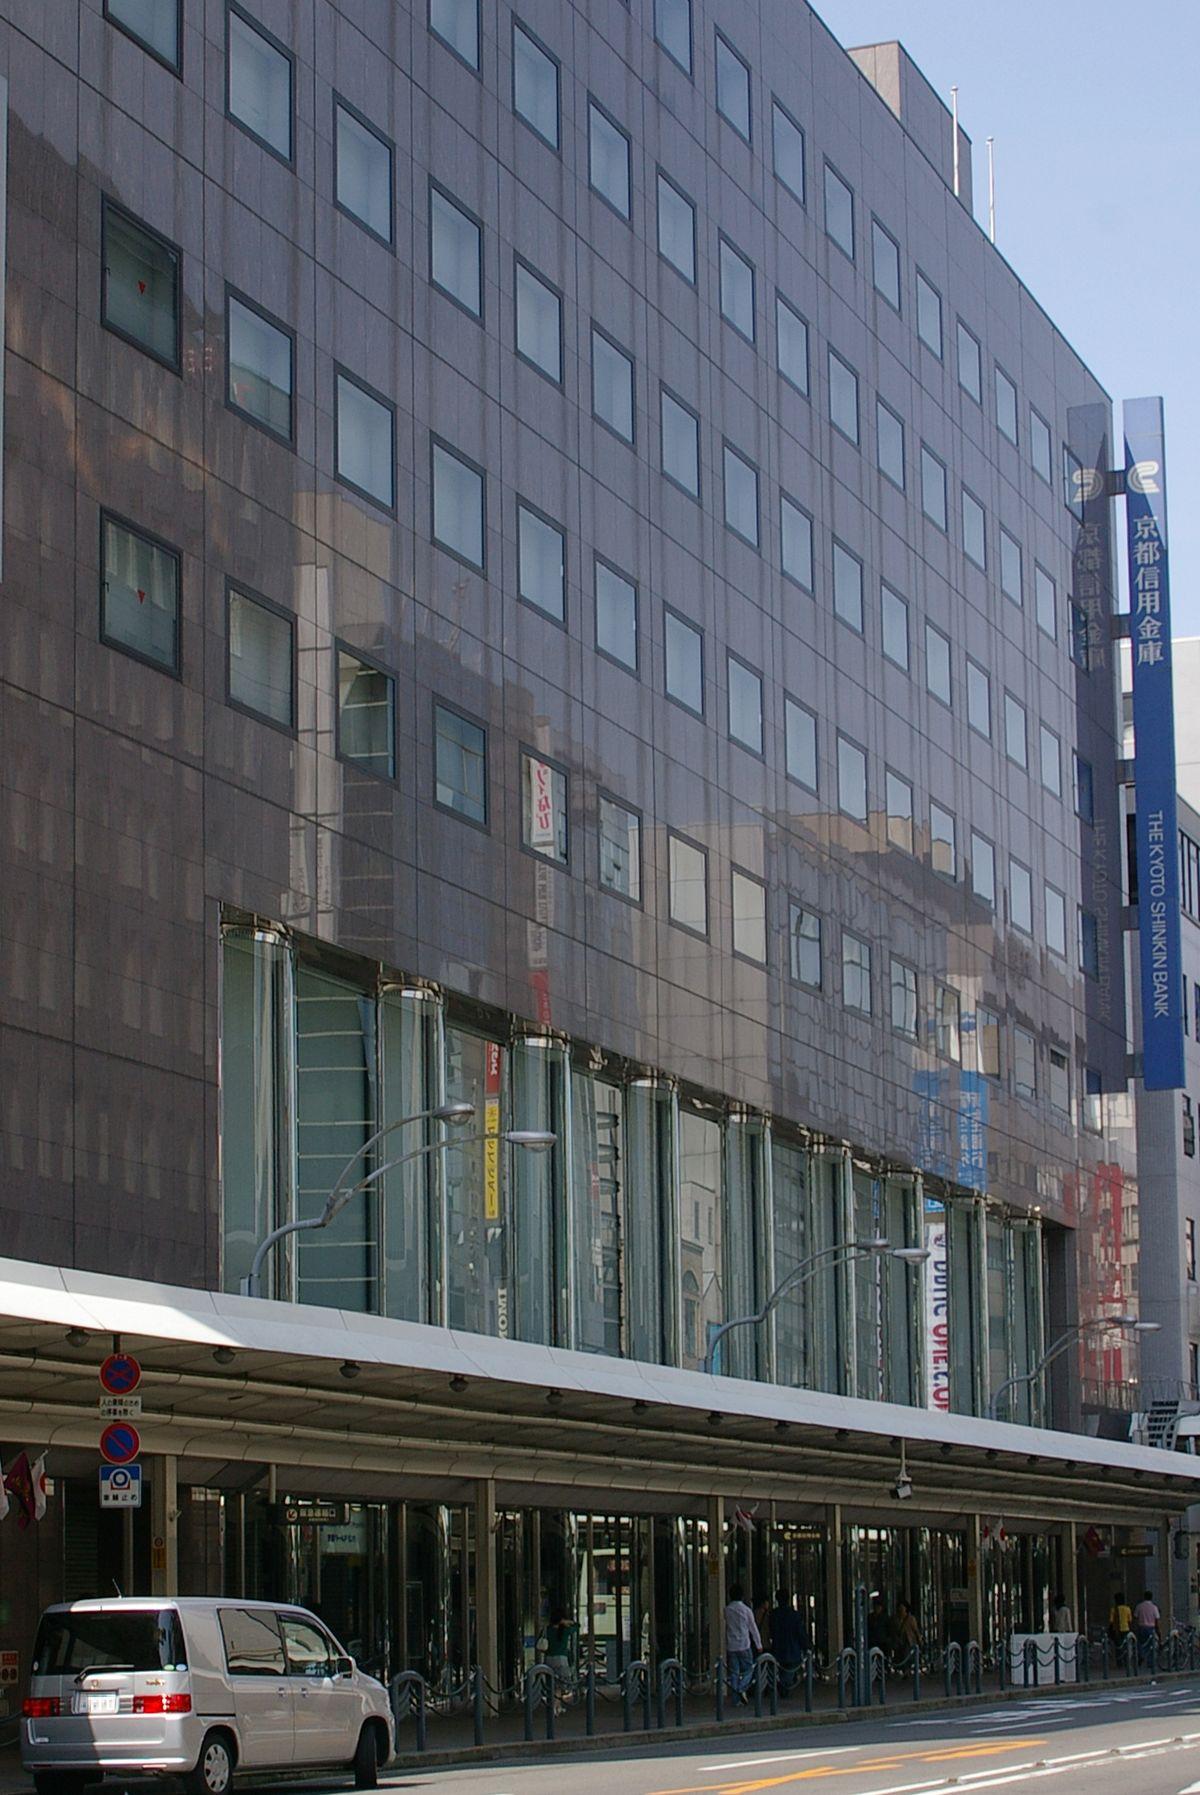 京都信用金庫 - Wikipedia